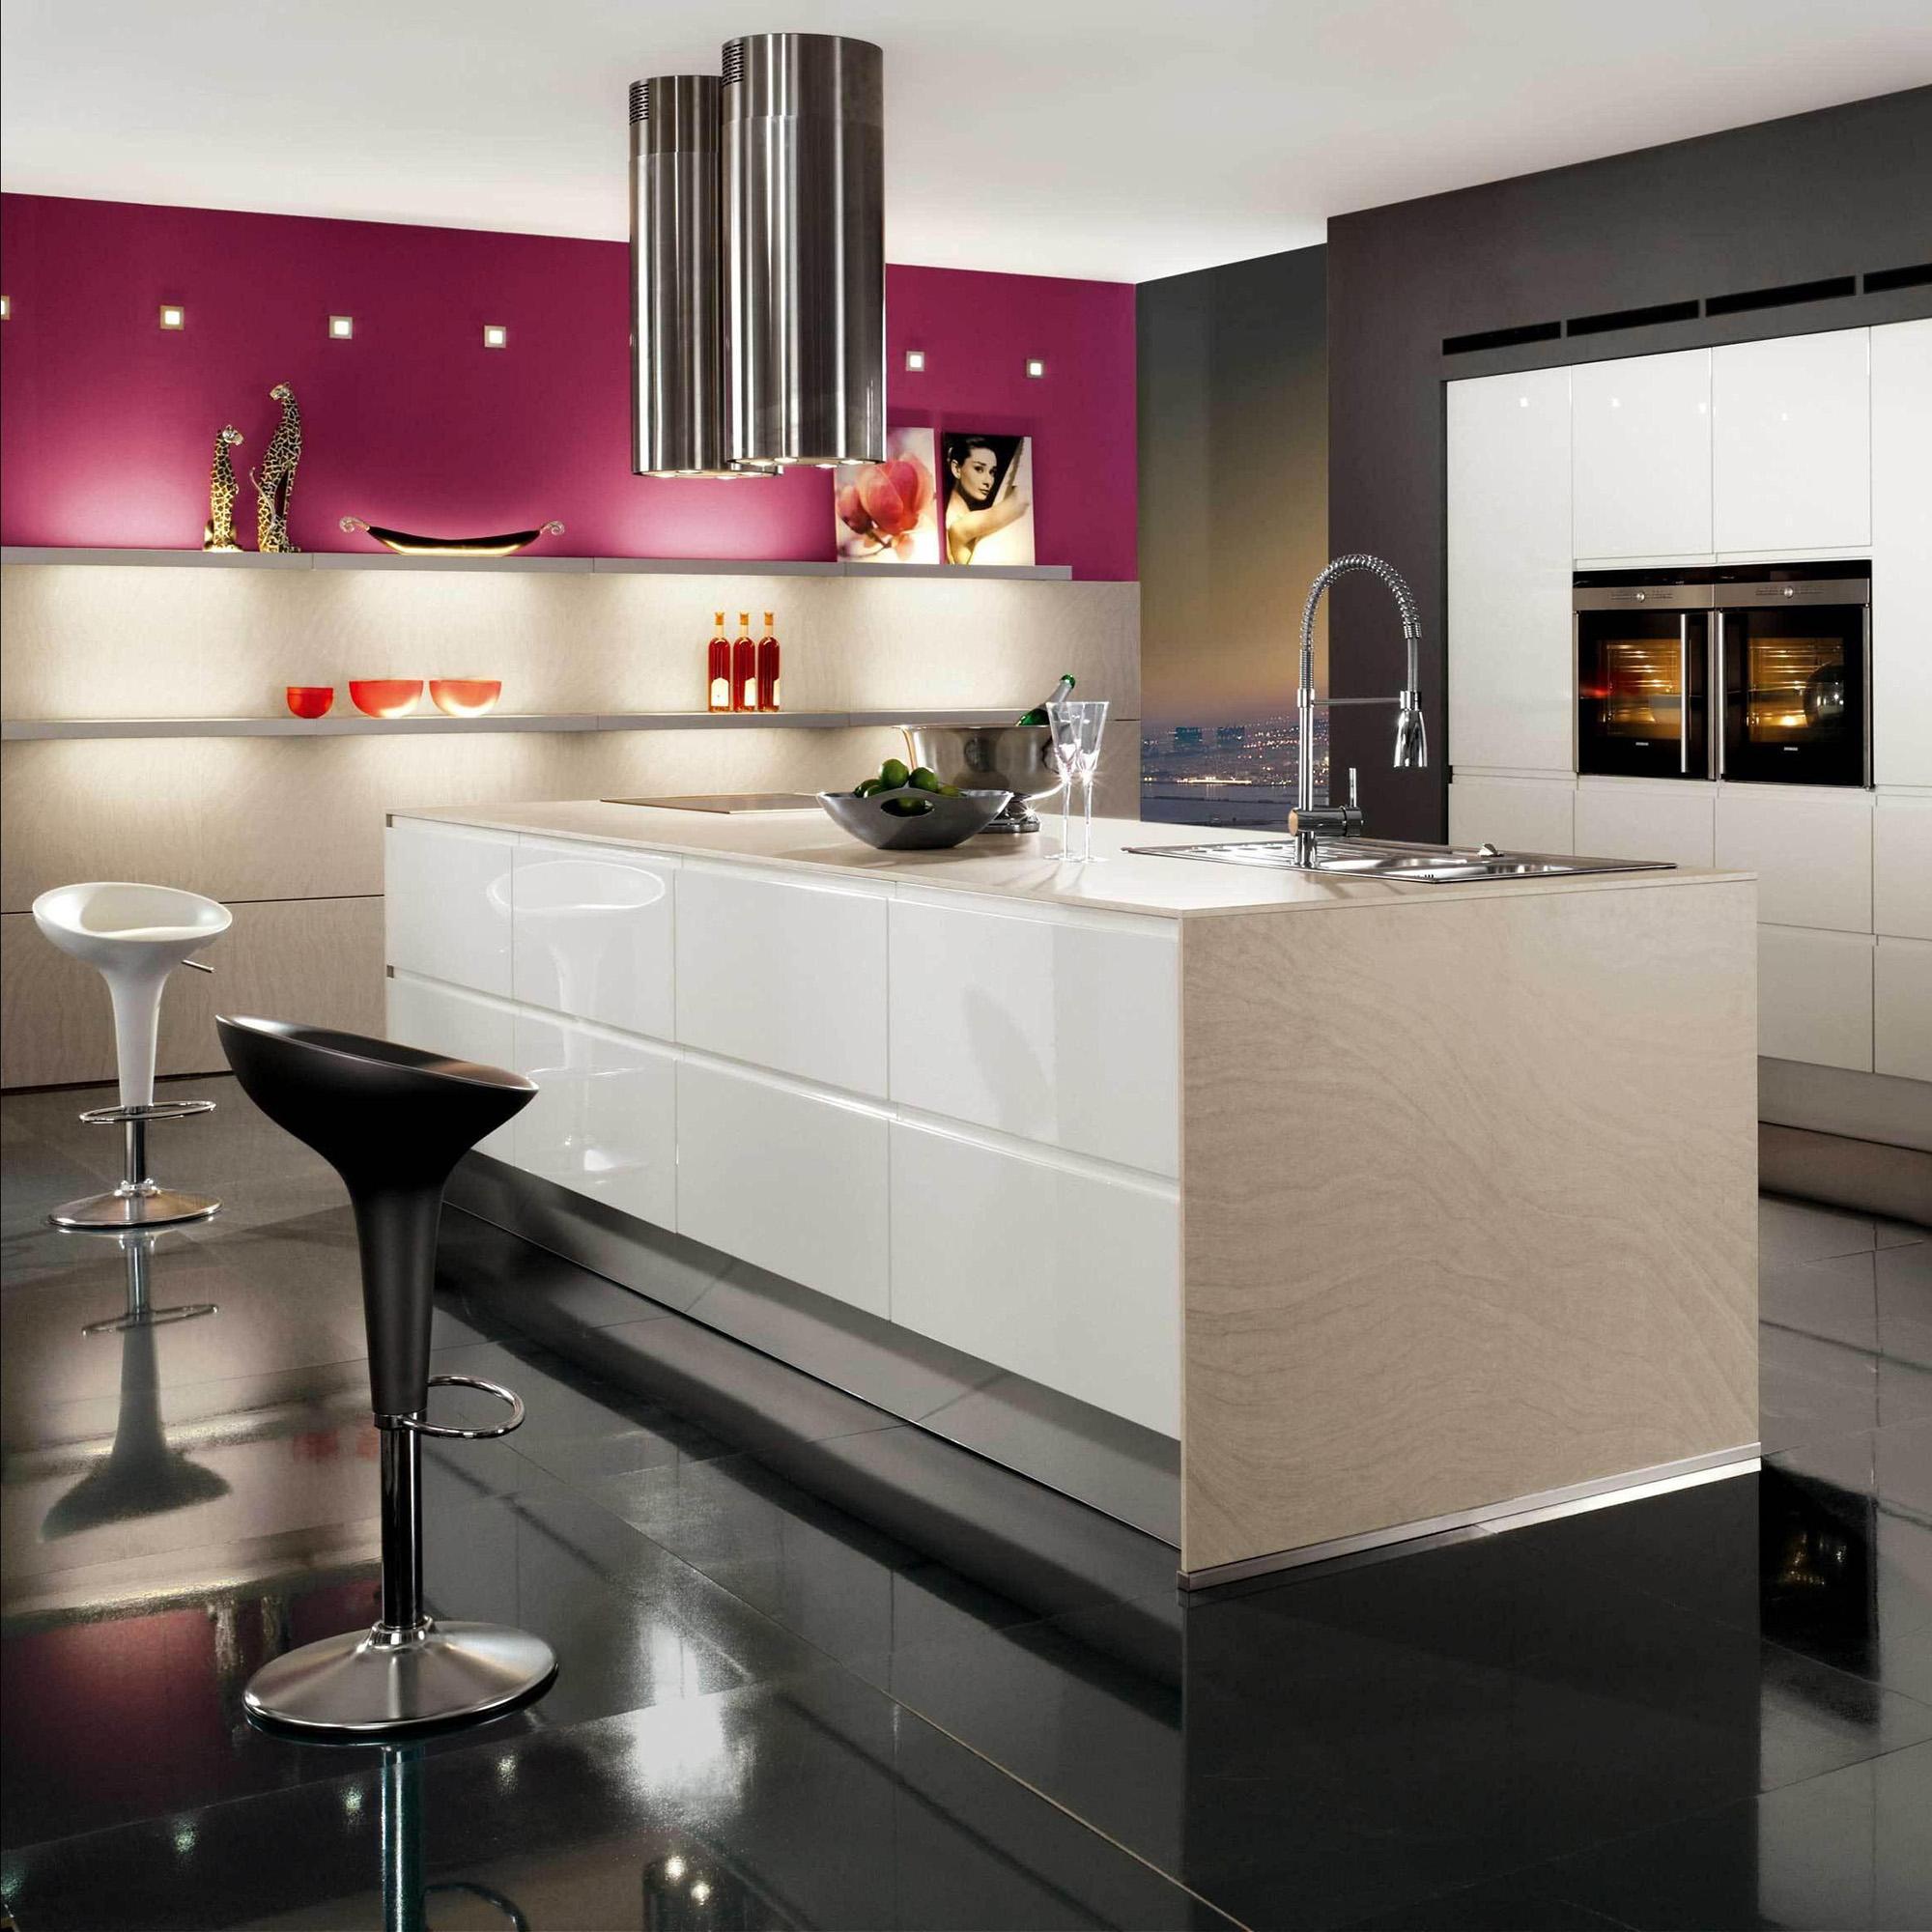 Бежевый, белый, черный и розовый цвета в кухне в стиле минимализм